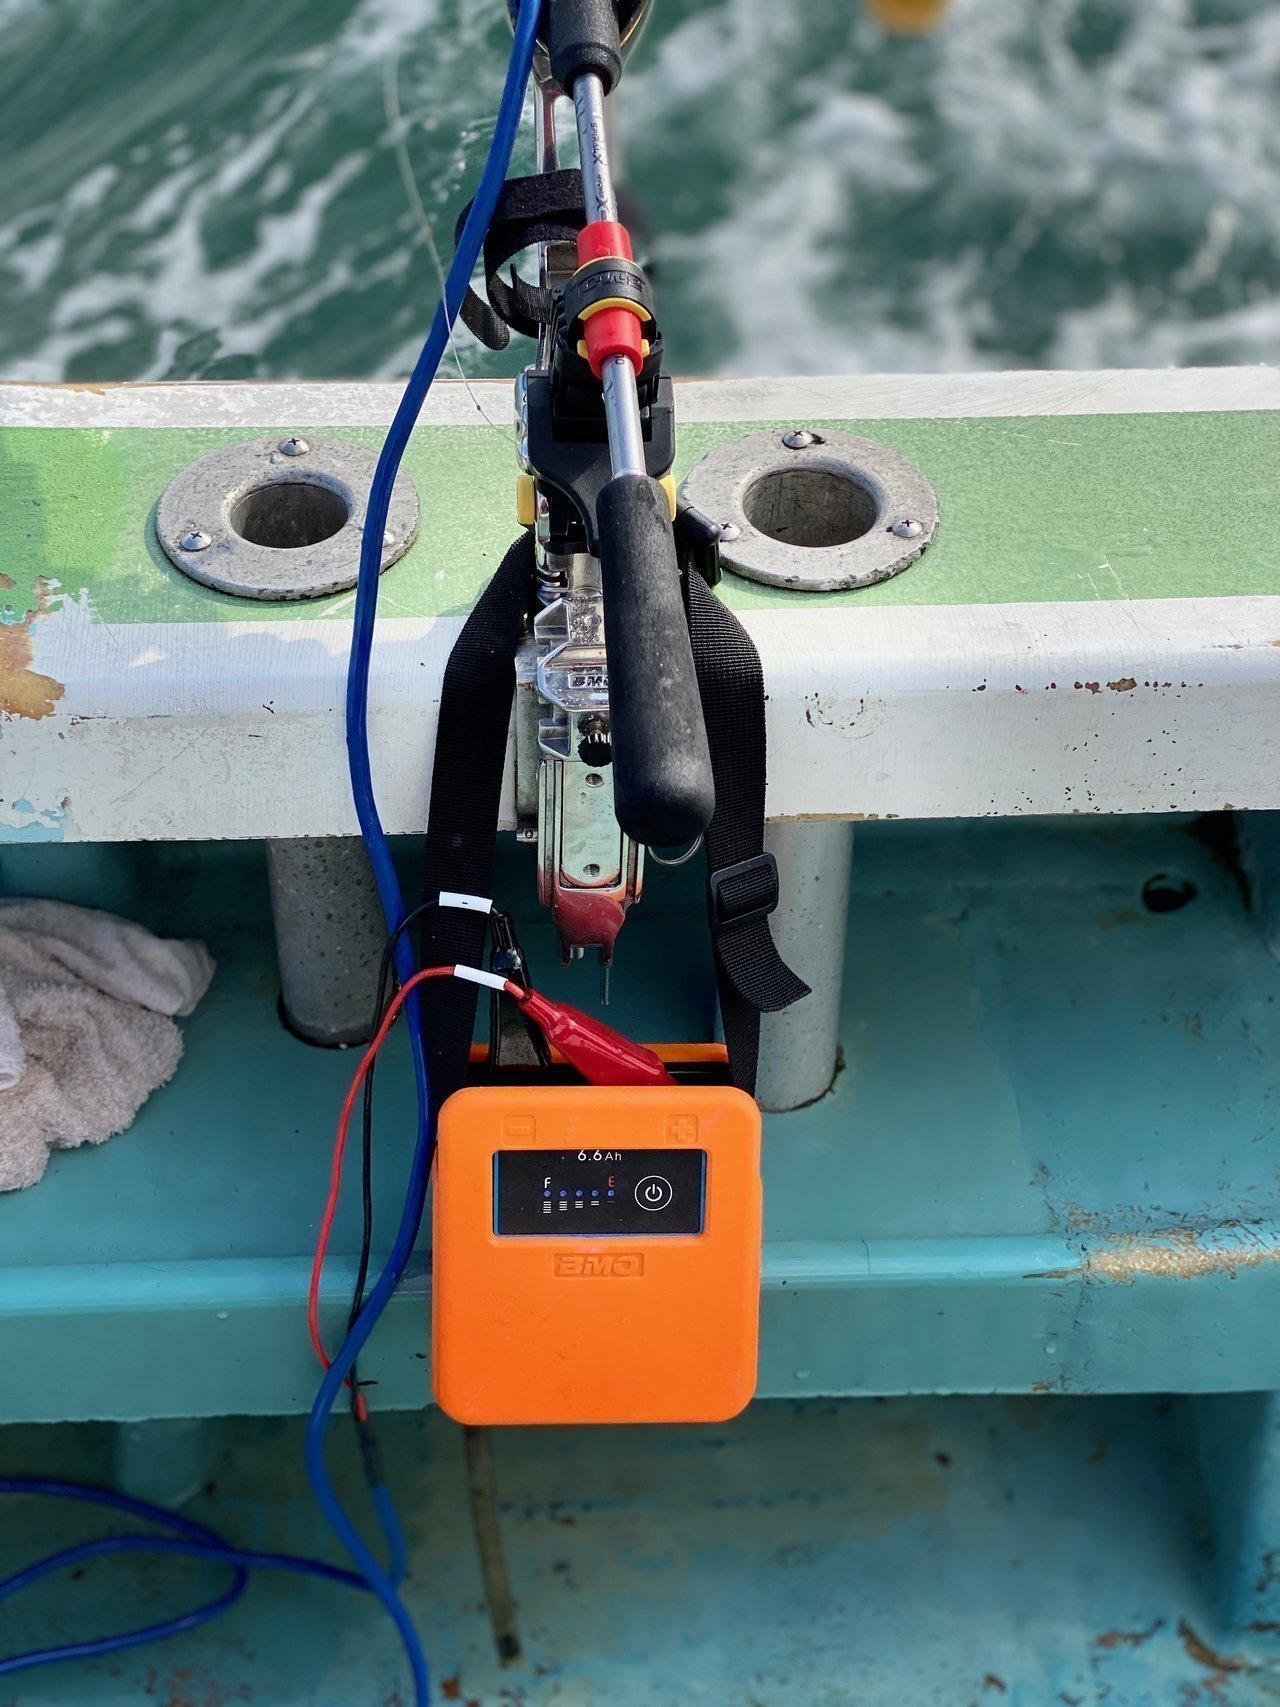 リチウムイオンバッテリー6.6Ahの写真